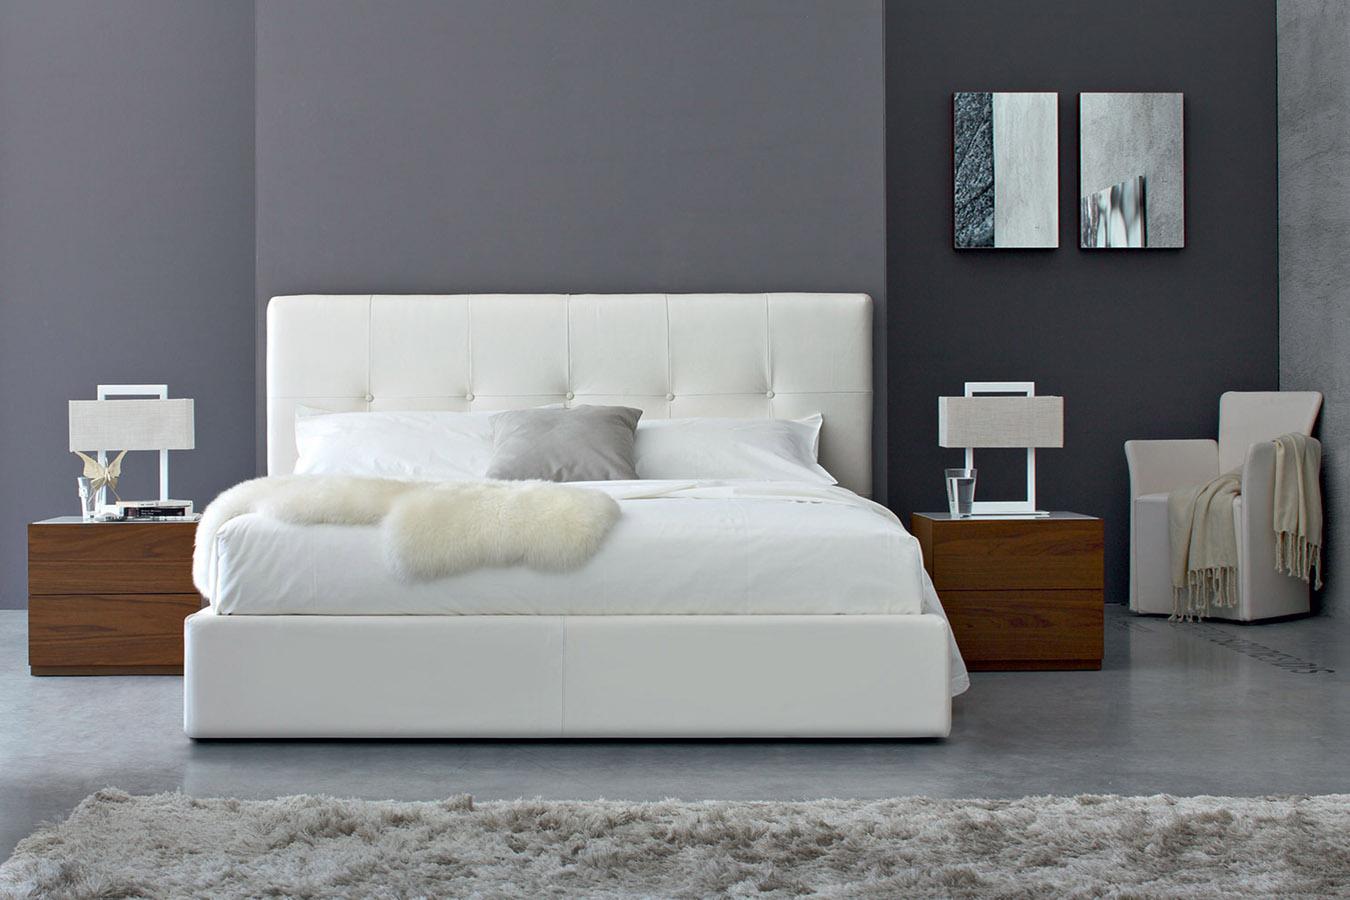 Letto swami di calligaris righetti mobili novara - Calligaris camere da letto ...